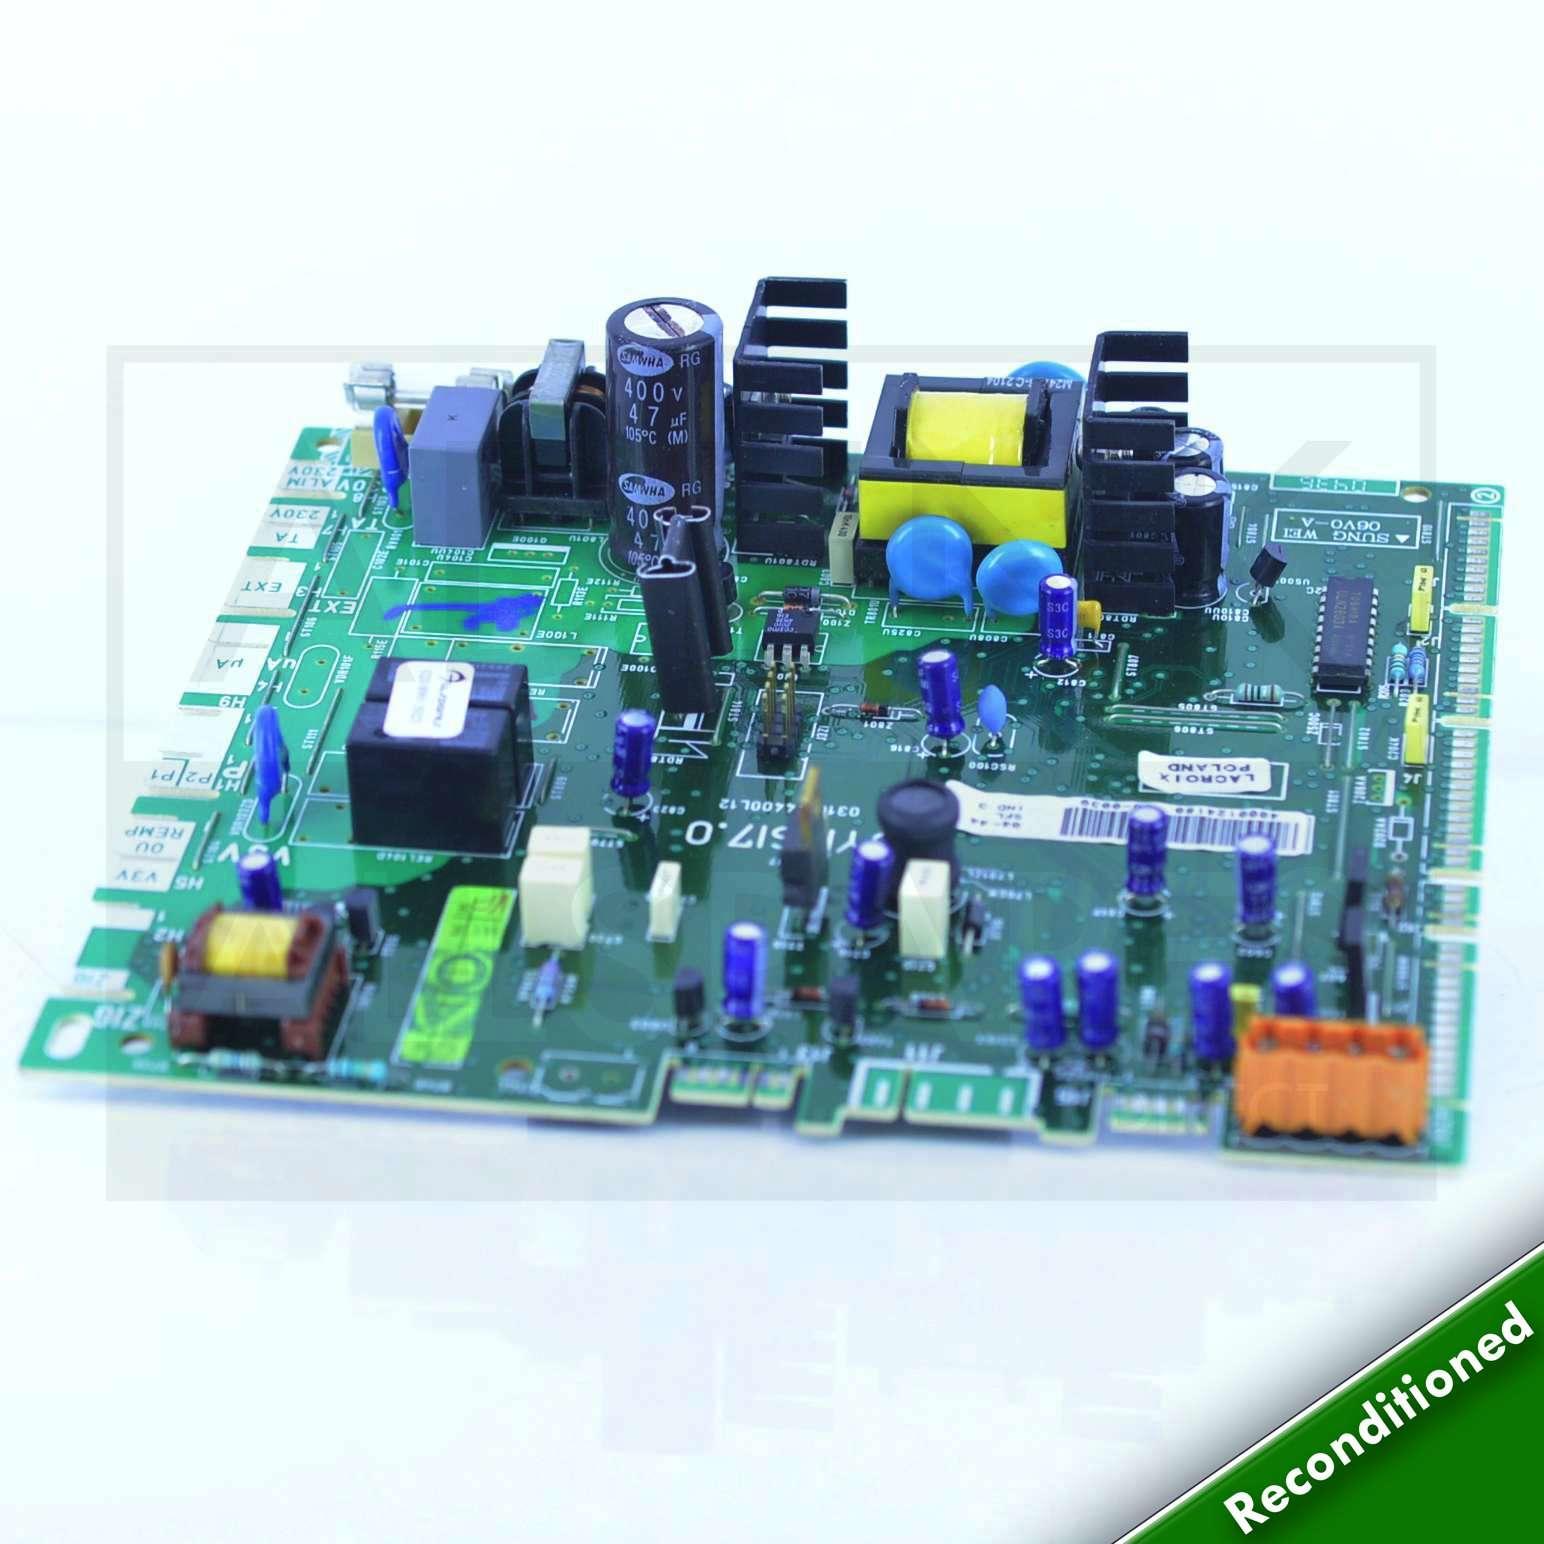 GLOWWORM 24CXI 30CXI 38CXI PCB 2000802731 802731 801719